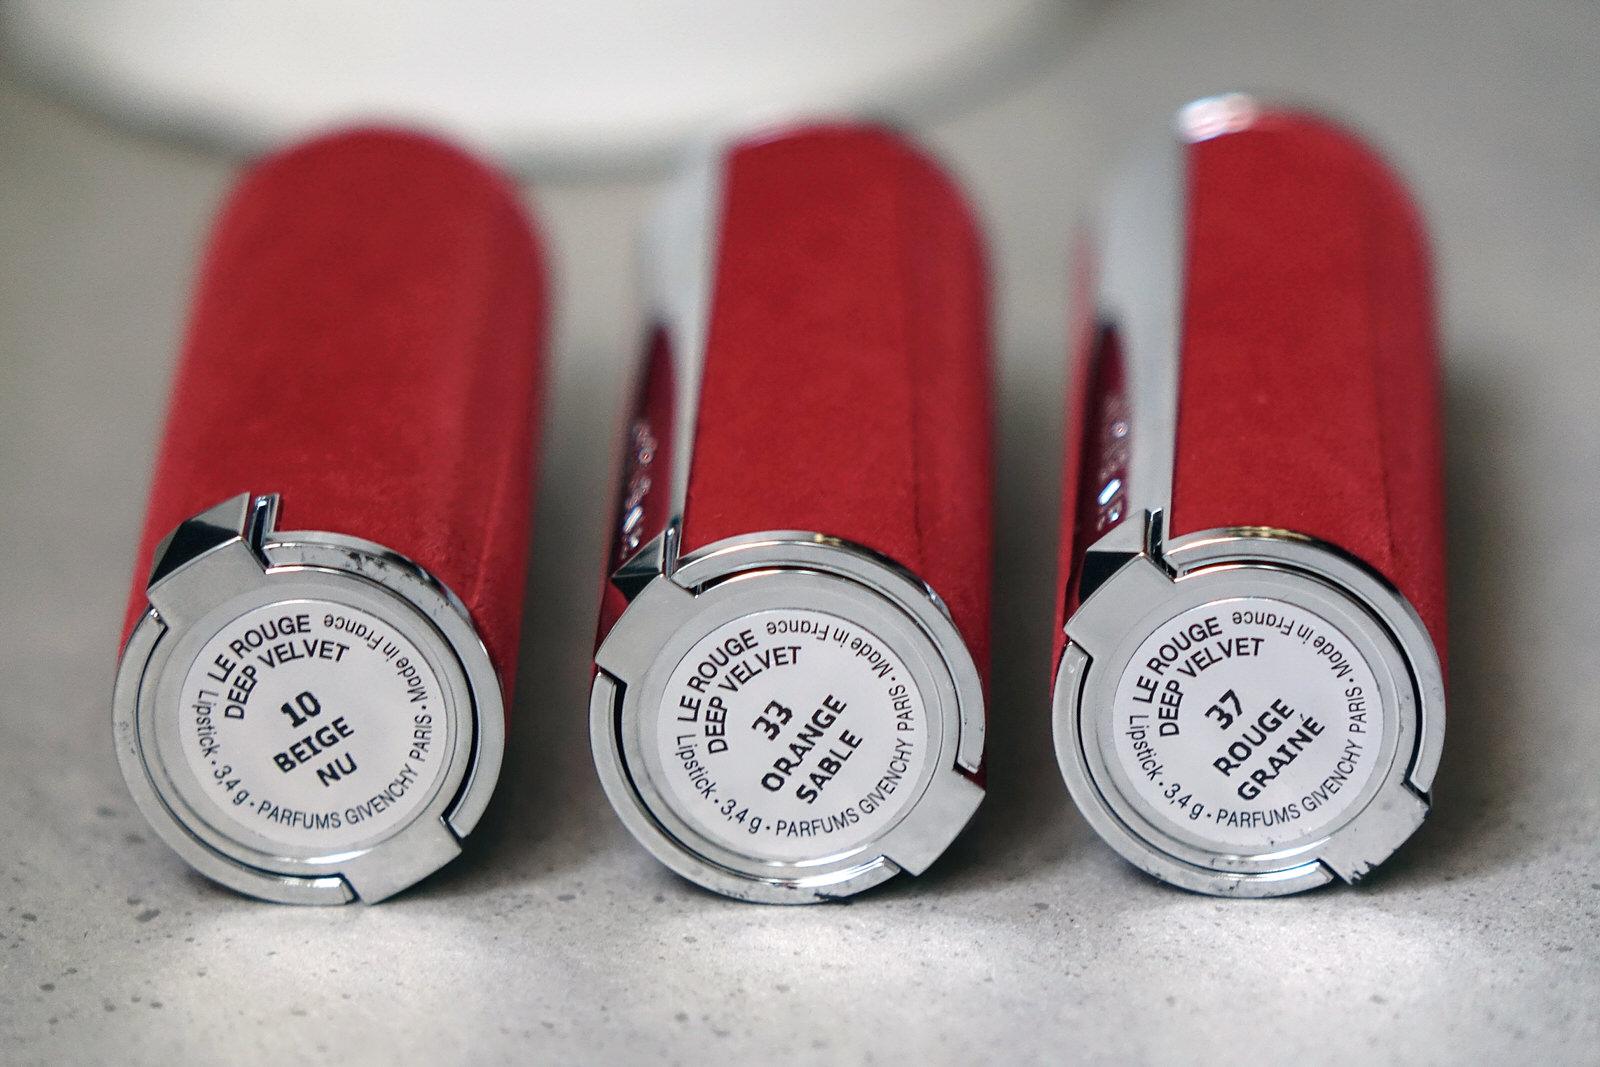 Coffret Le Rouge Collection de Givenchy, swatches et avis